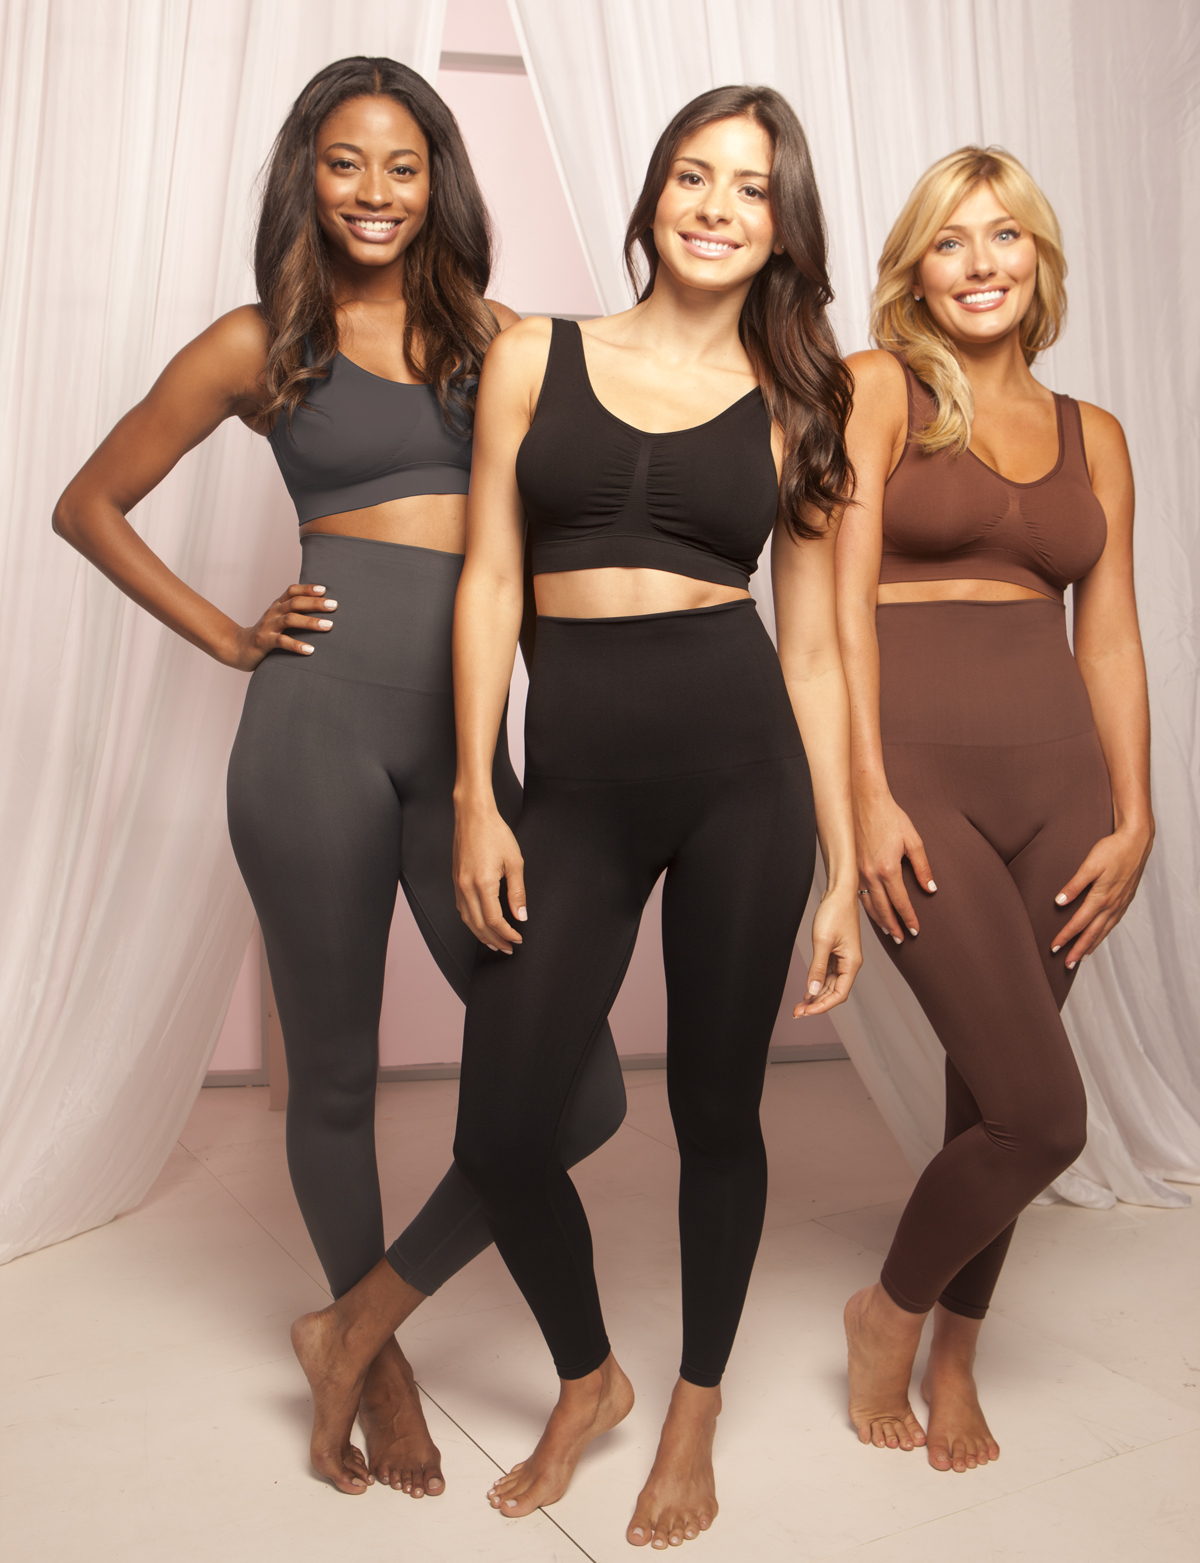 bd897433978 M Rena Fabulous Tummy Control Leggings